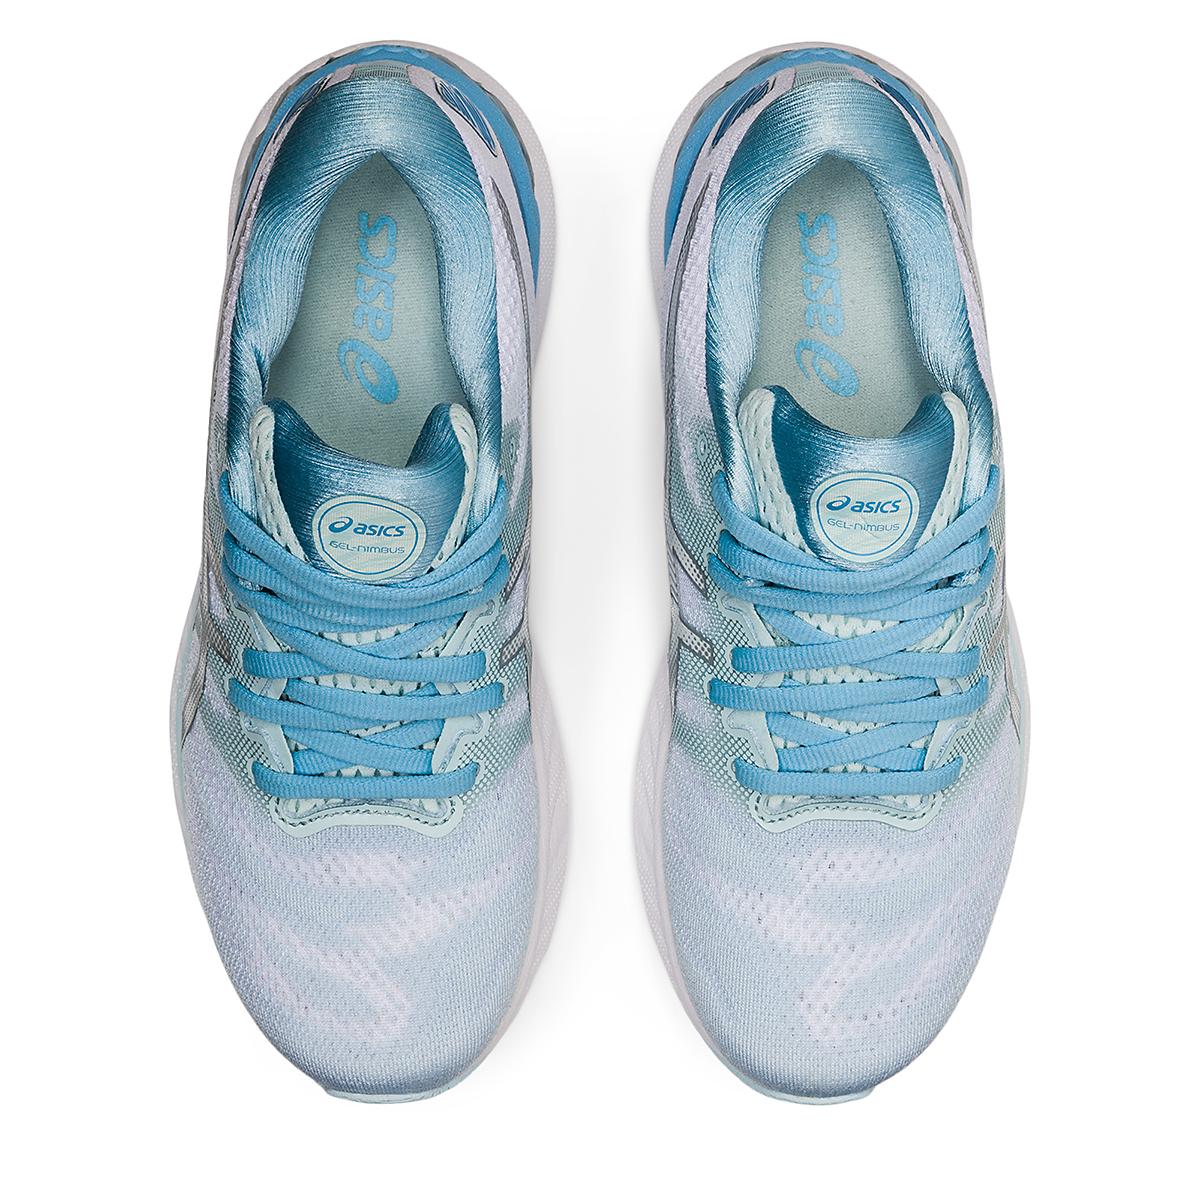 Women's Asics Gel-Nimbus 23 Running Shoe - Color: Aqua Angel/Pure - Size: 5 - Width: Regular, Aqua Angel/Pure, large, image 5